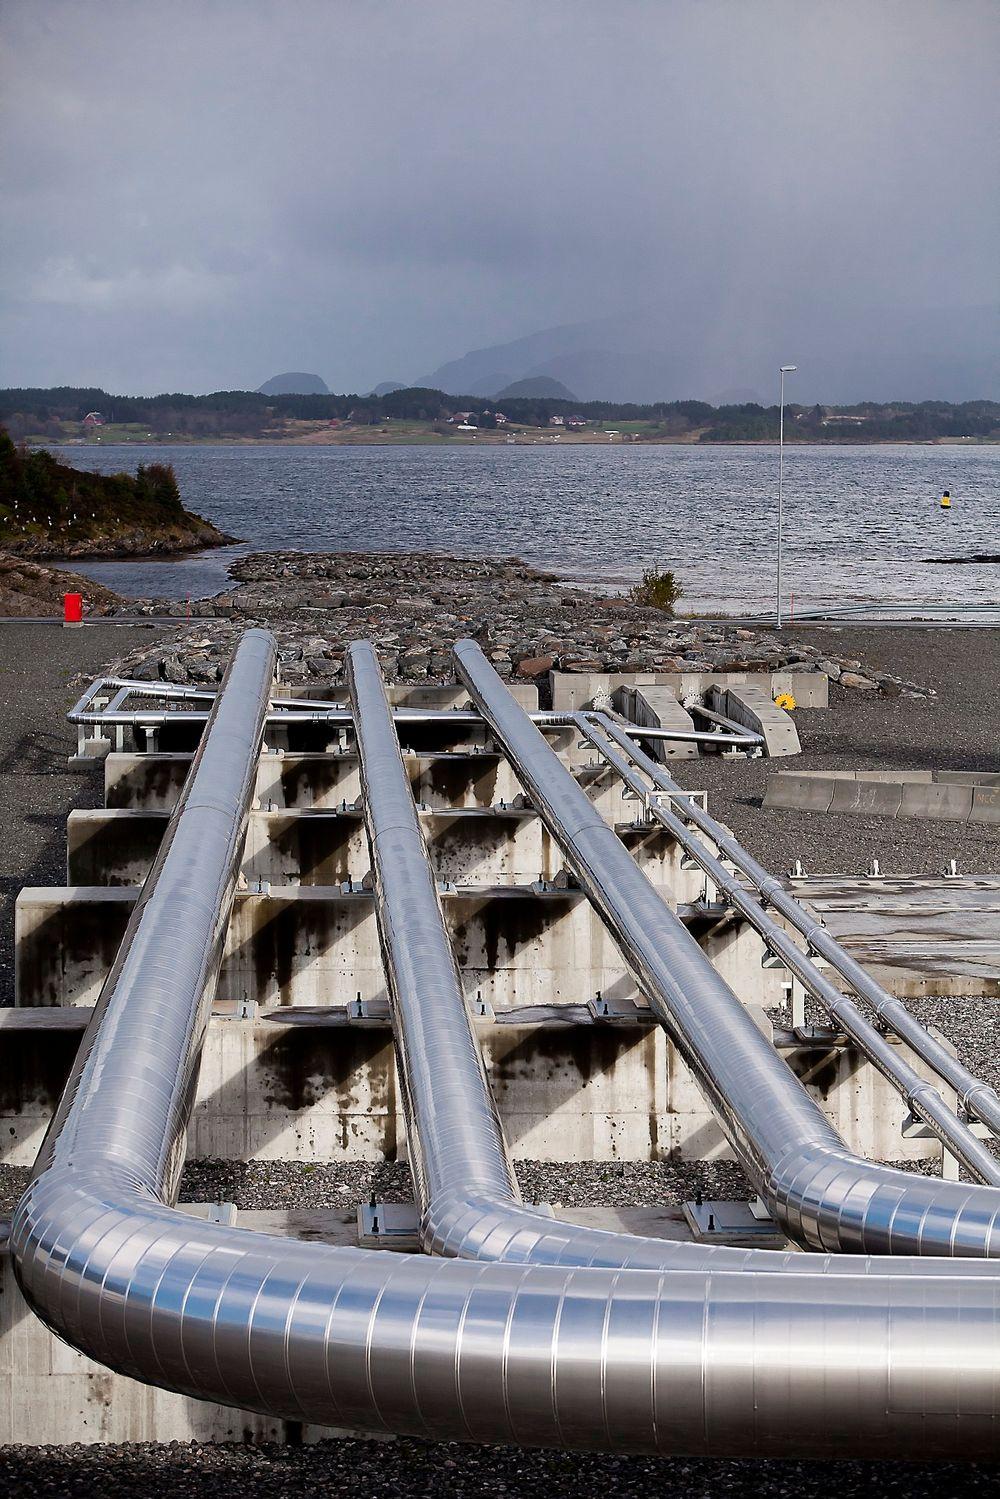 Konsekvensene for Norges rolle som gasseksportør til England og kontinentet kan bli store dersom utfallet ved Ormen Lange varer i flere dager, advarer Statnett.